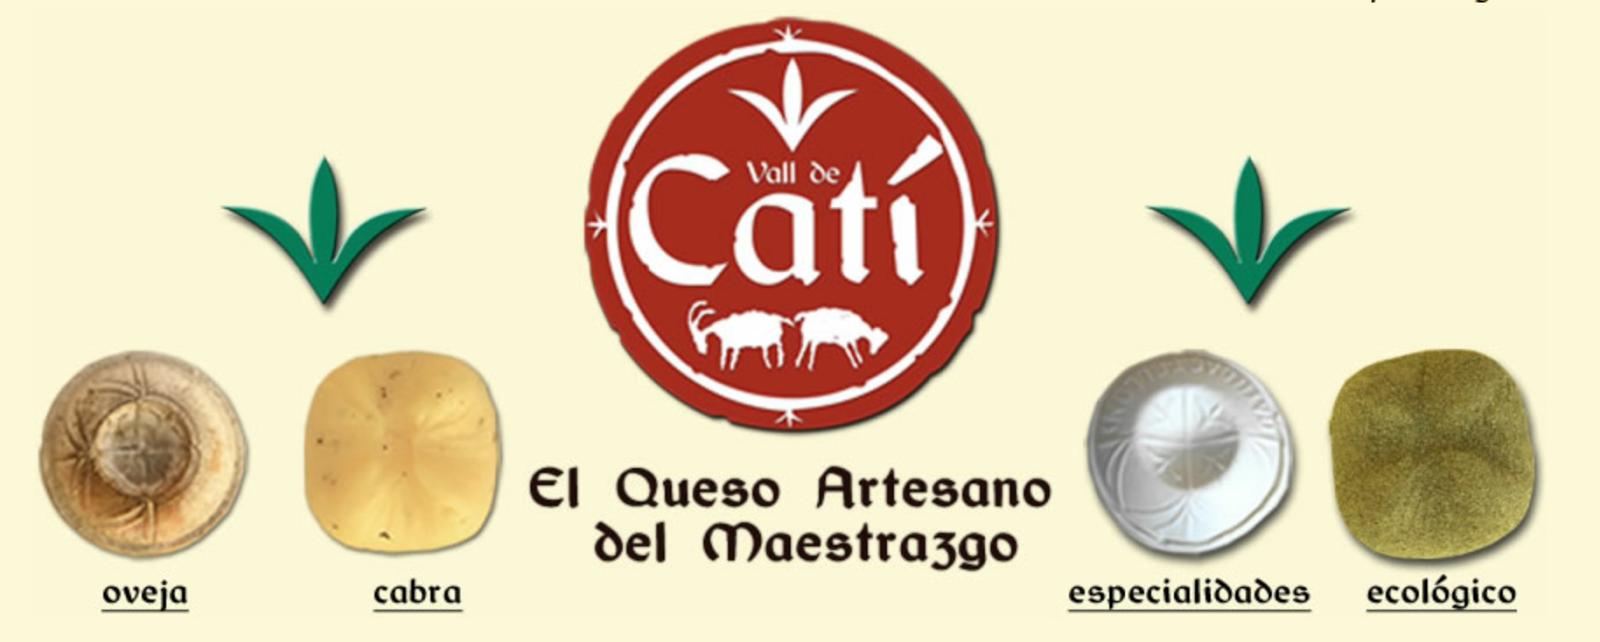 Quesos Vall de Cati en la cooperativa agricola de Petrer